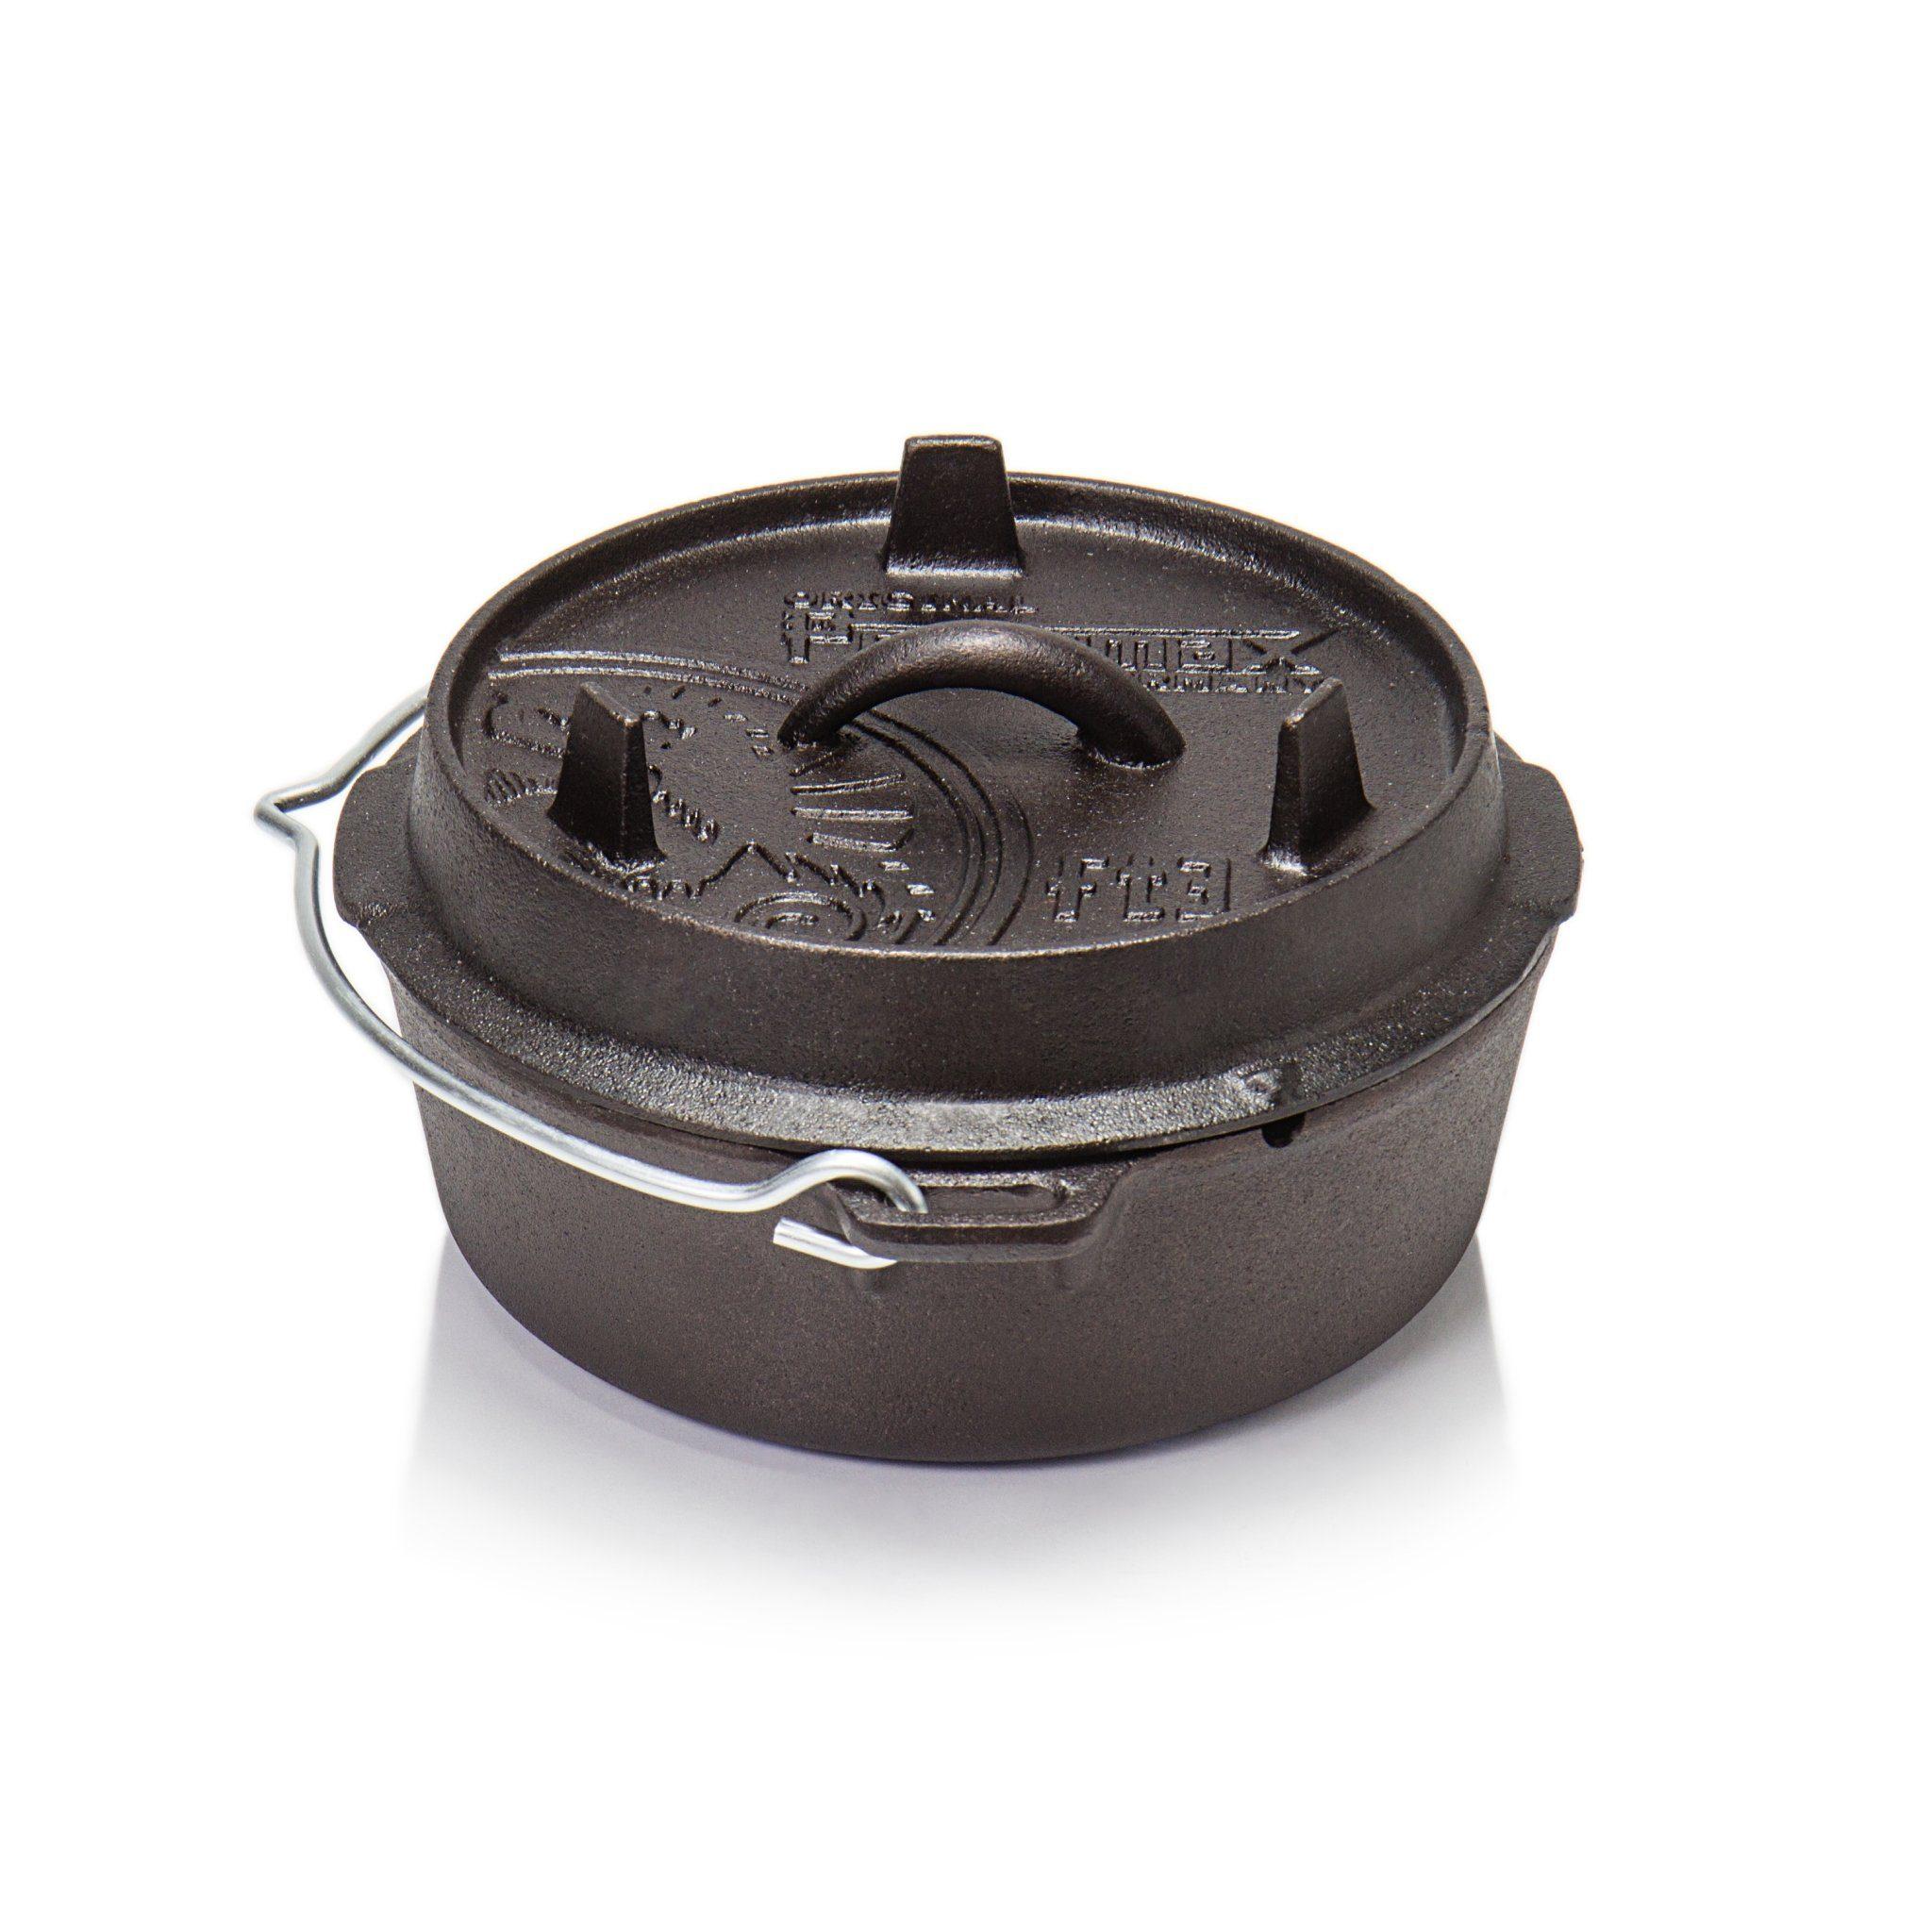 Petromax Camping-Geschirr »Feuertopf ohne Füße/ft 3«